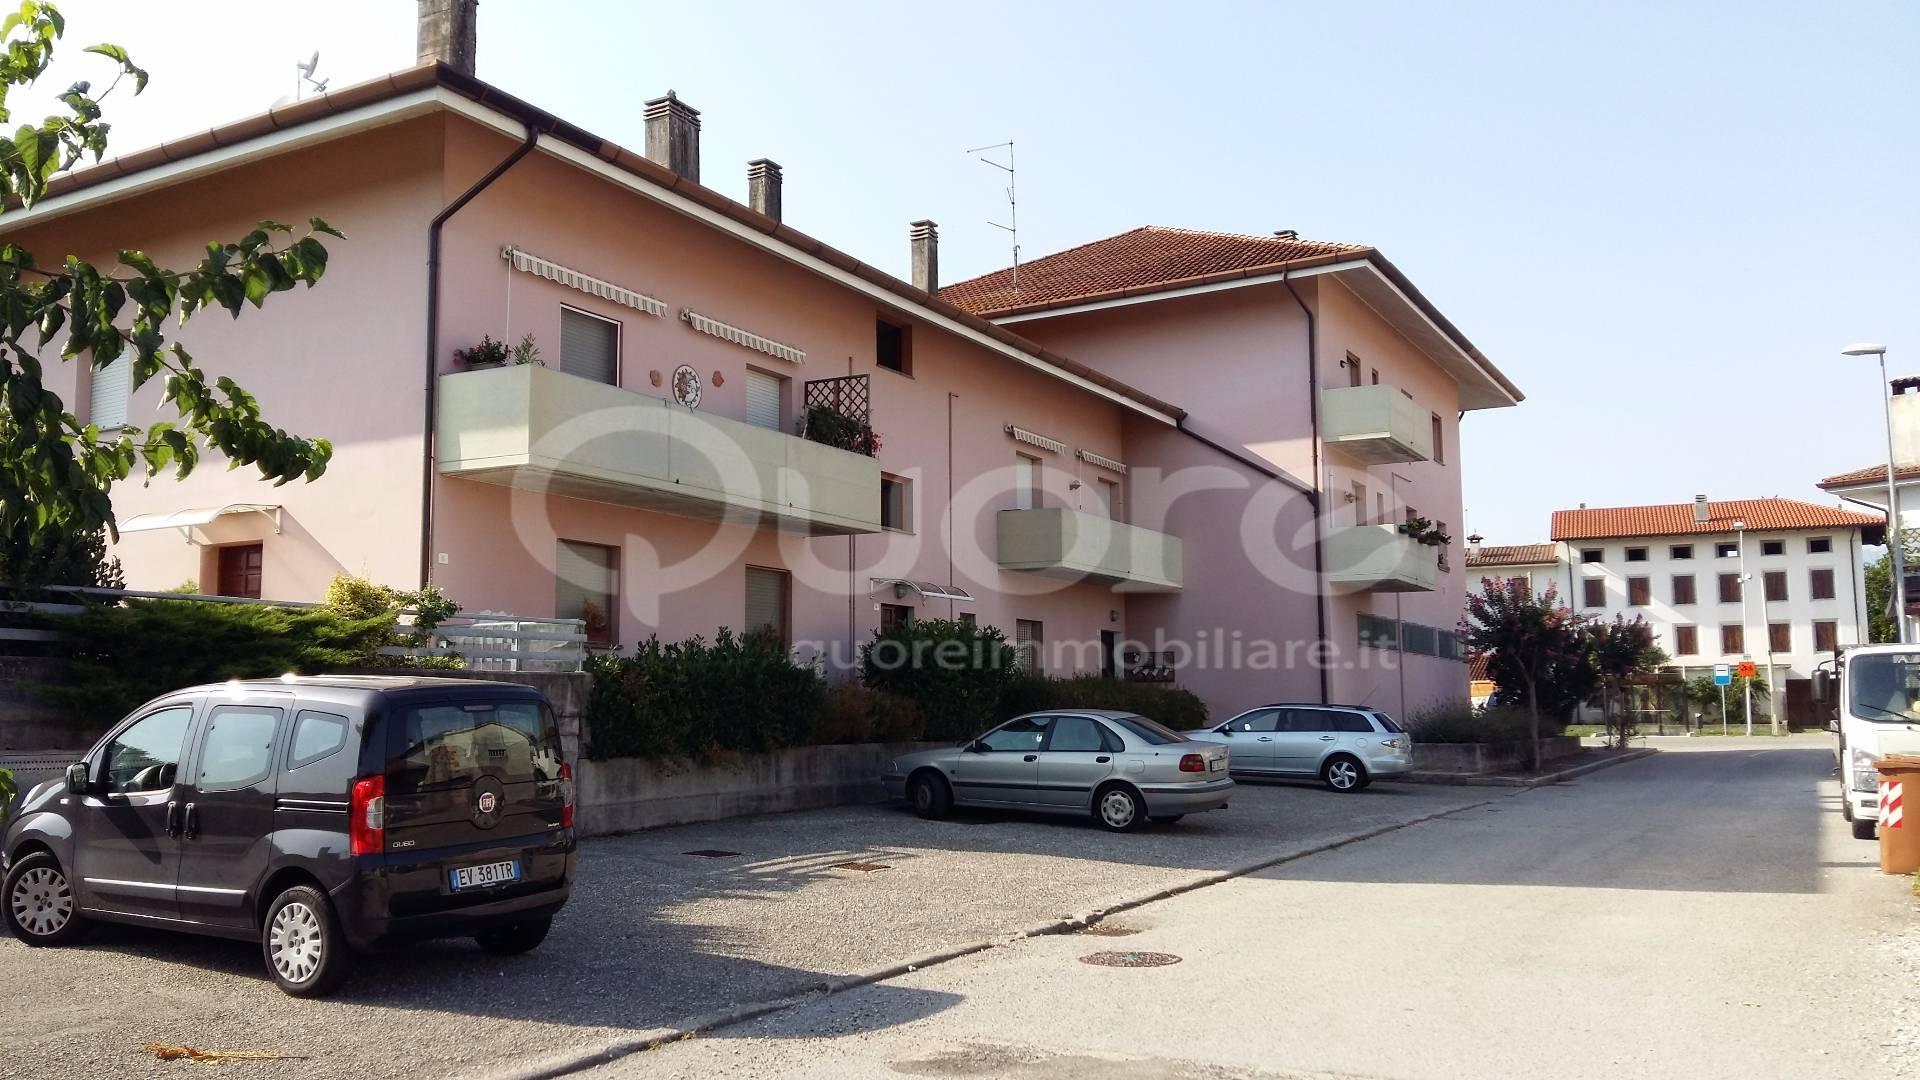 Appartamento in vendita a Povoletto, 5 locali, zona Località: Ravosa-magredis, prezzo € 85.000 | CambioCasa.it